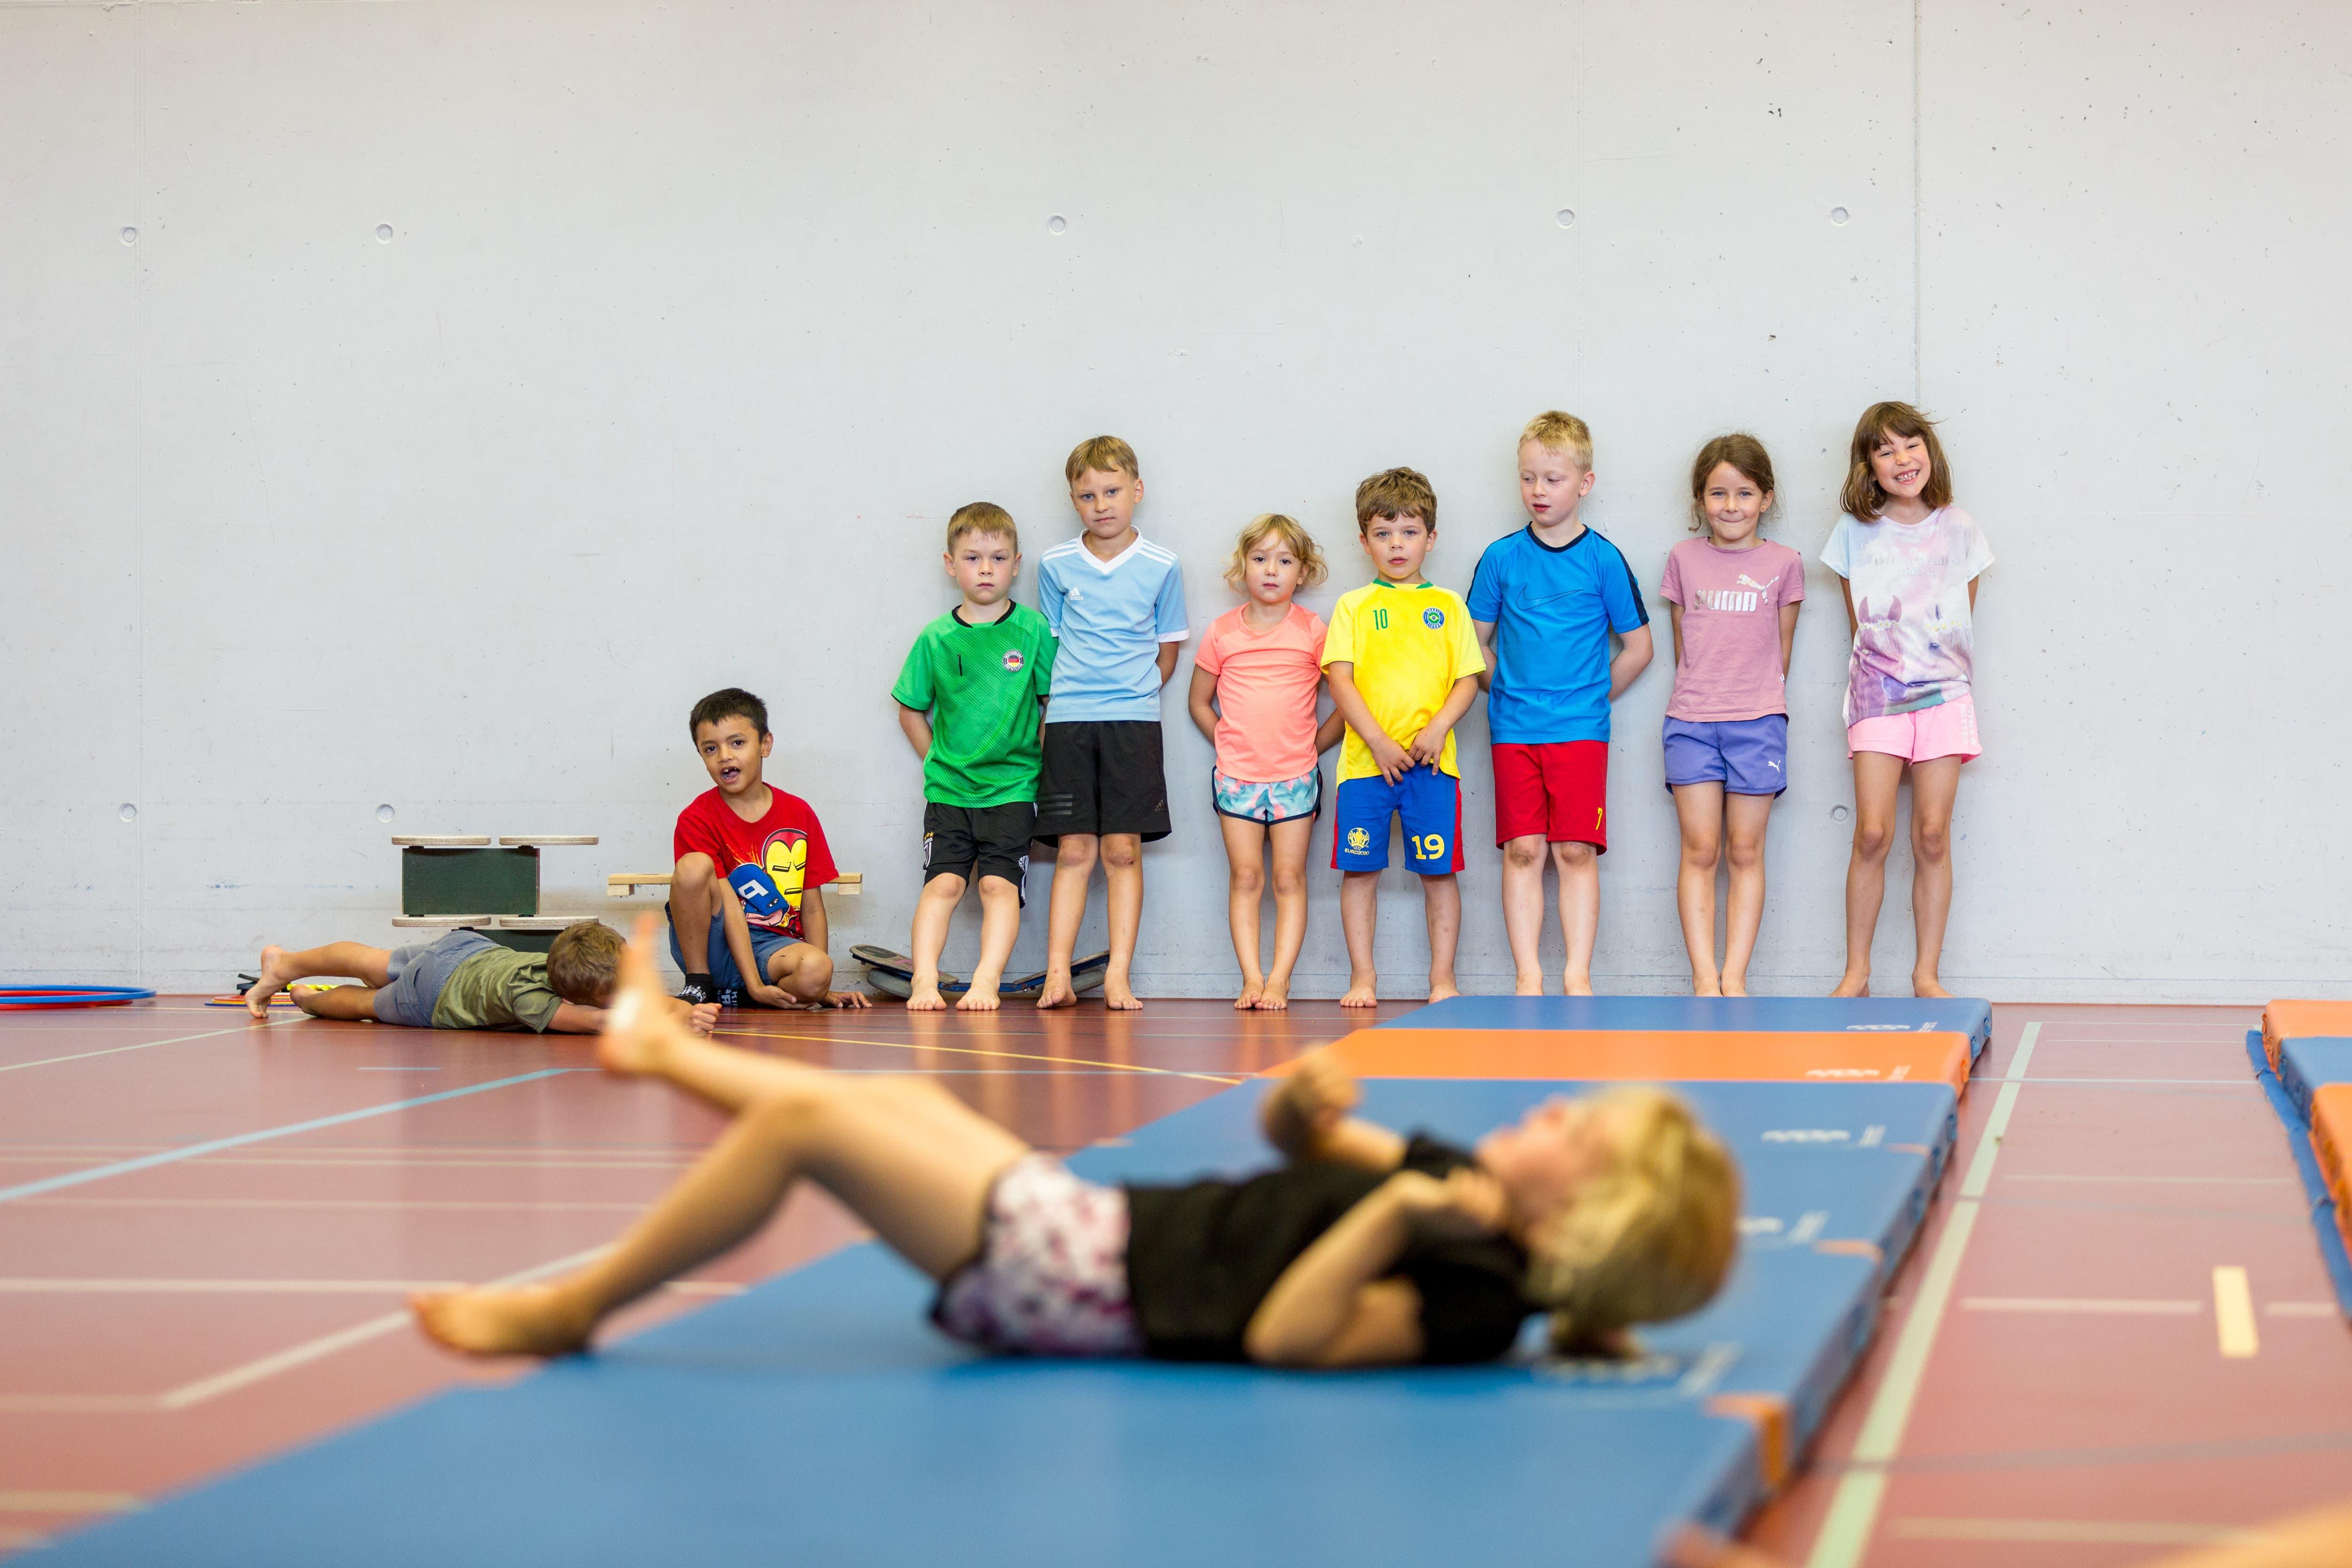 Richtiges Aufwärmen ist wichtig: Die Kinder rollen über die Matte und sollen dabei die Körperspannung trainieren.